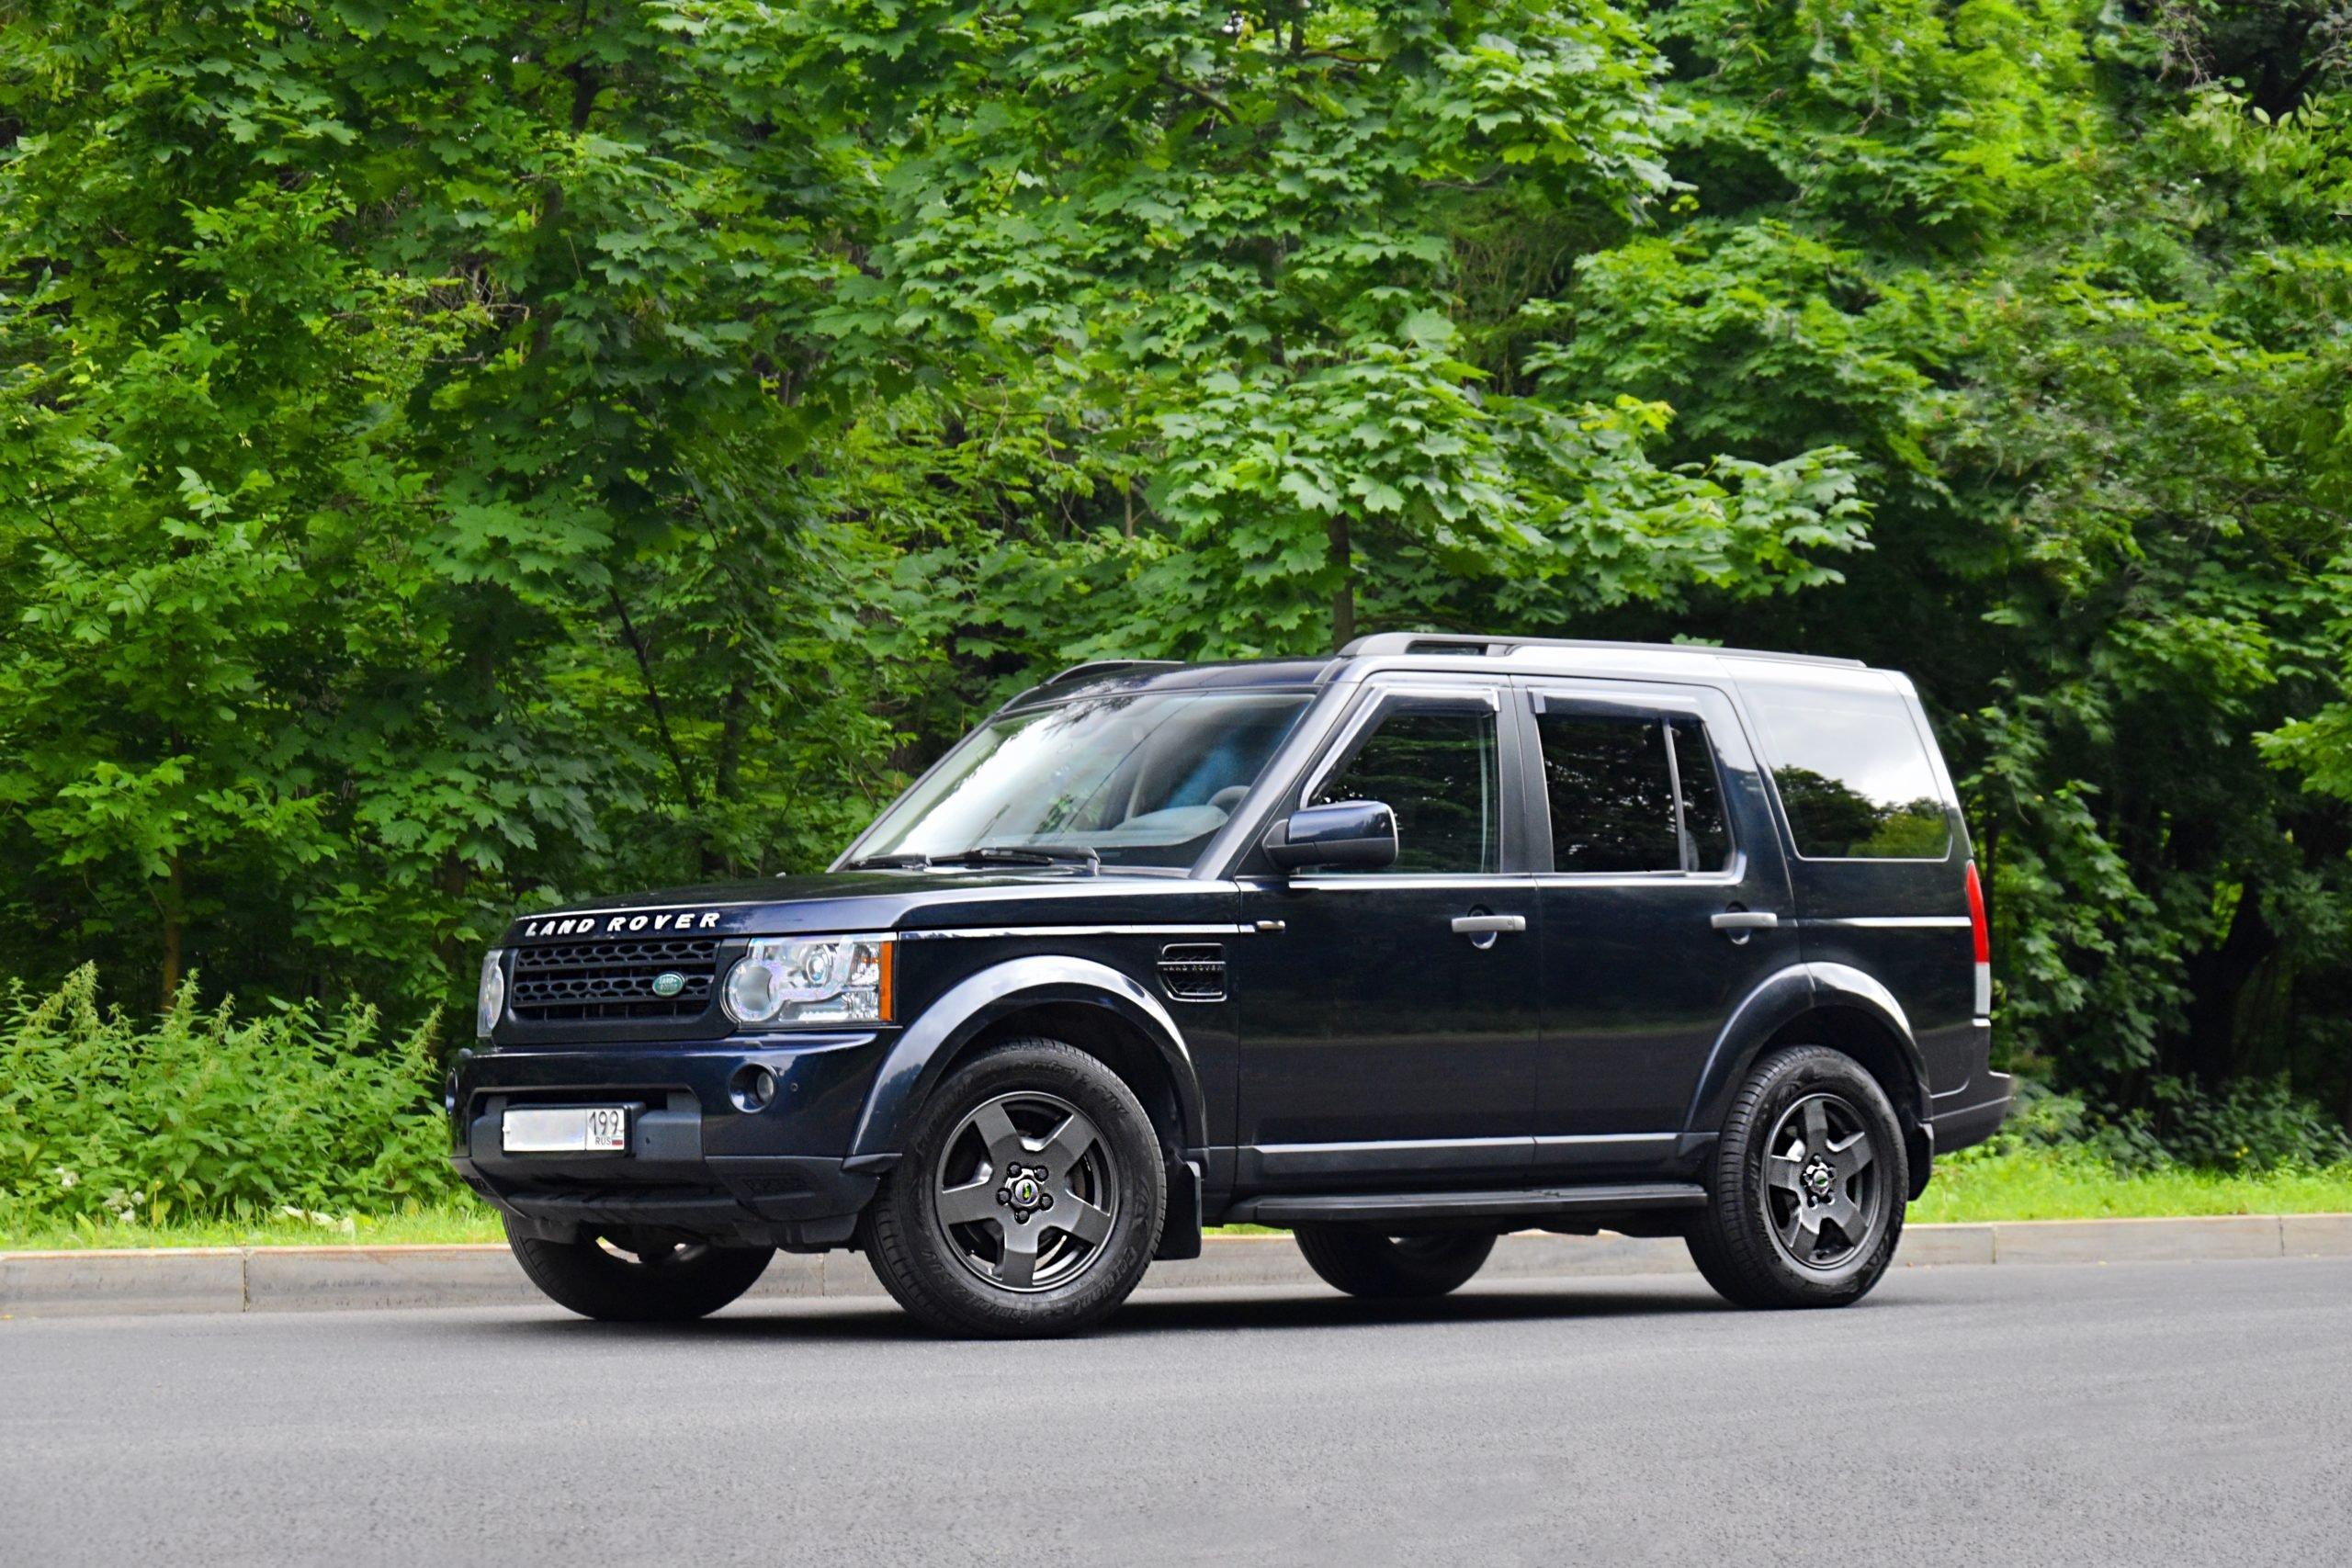 Мягкие, тихие, адекватно тормозят и бюджет семьи не калечат: мой отзыв о шинах Cordiant Comfort 2 SUV